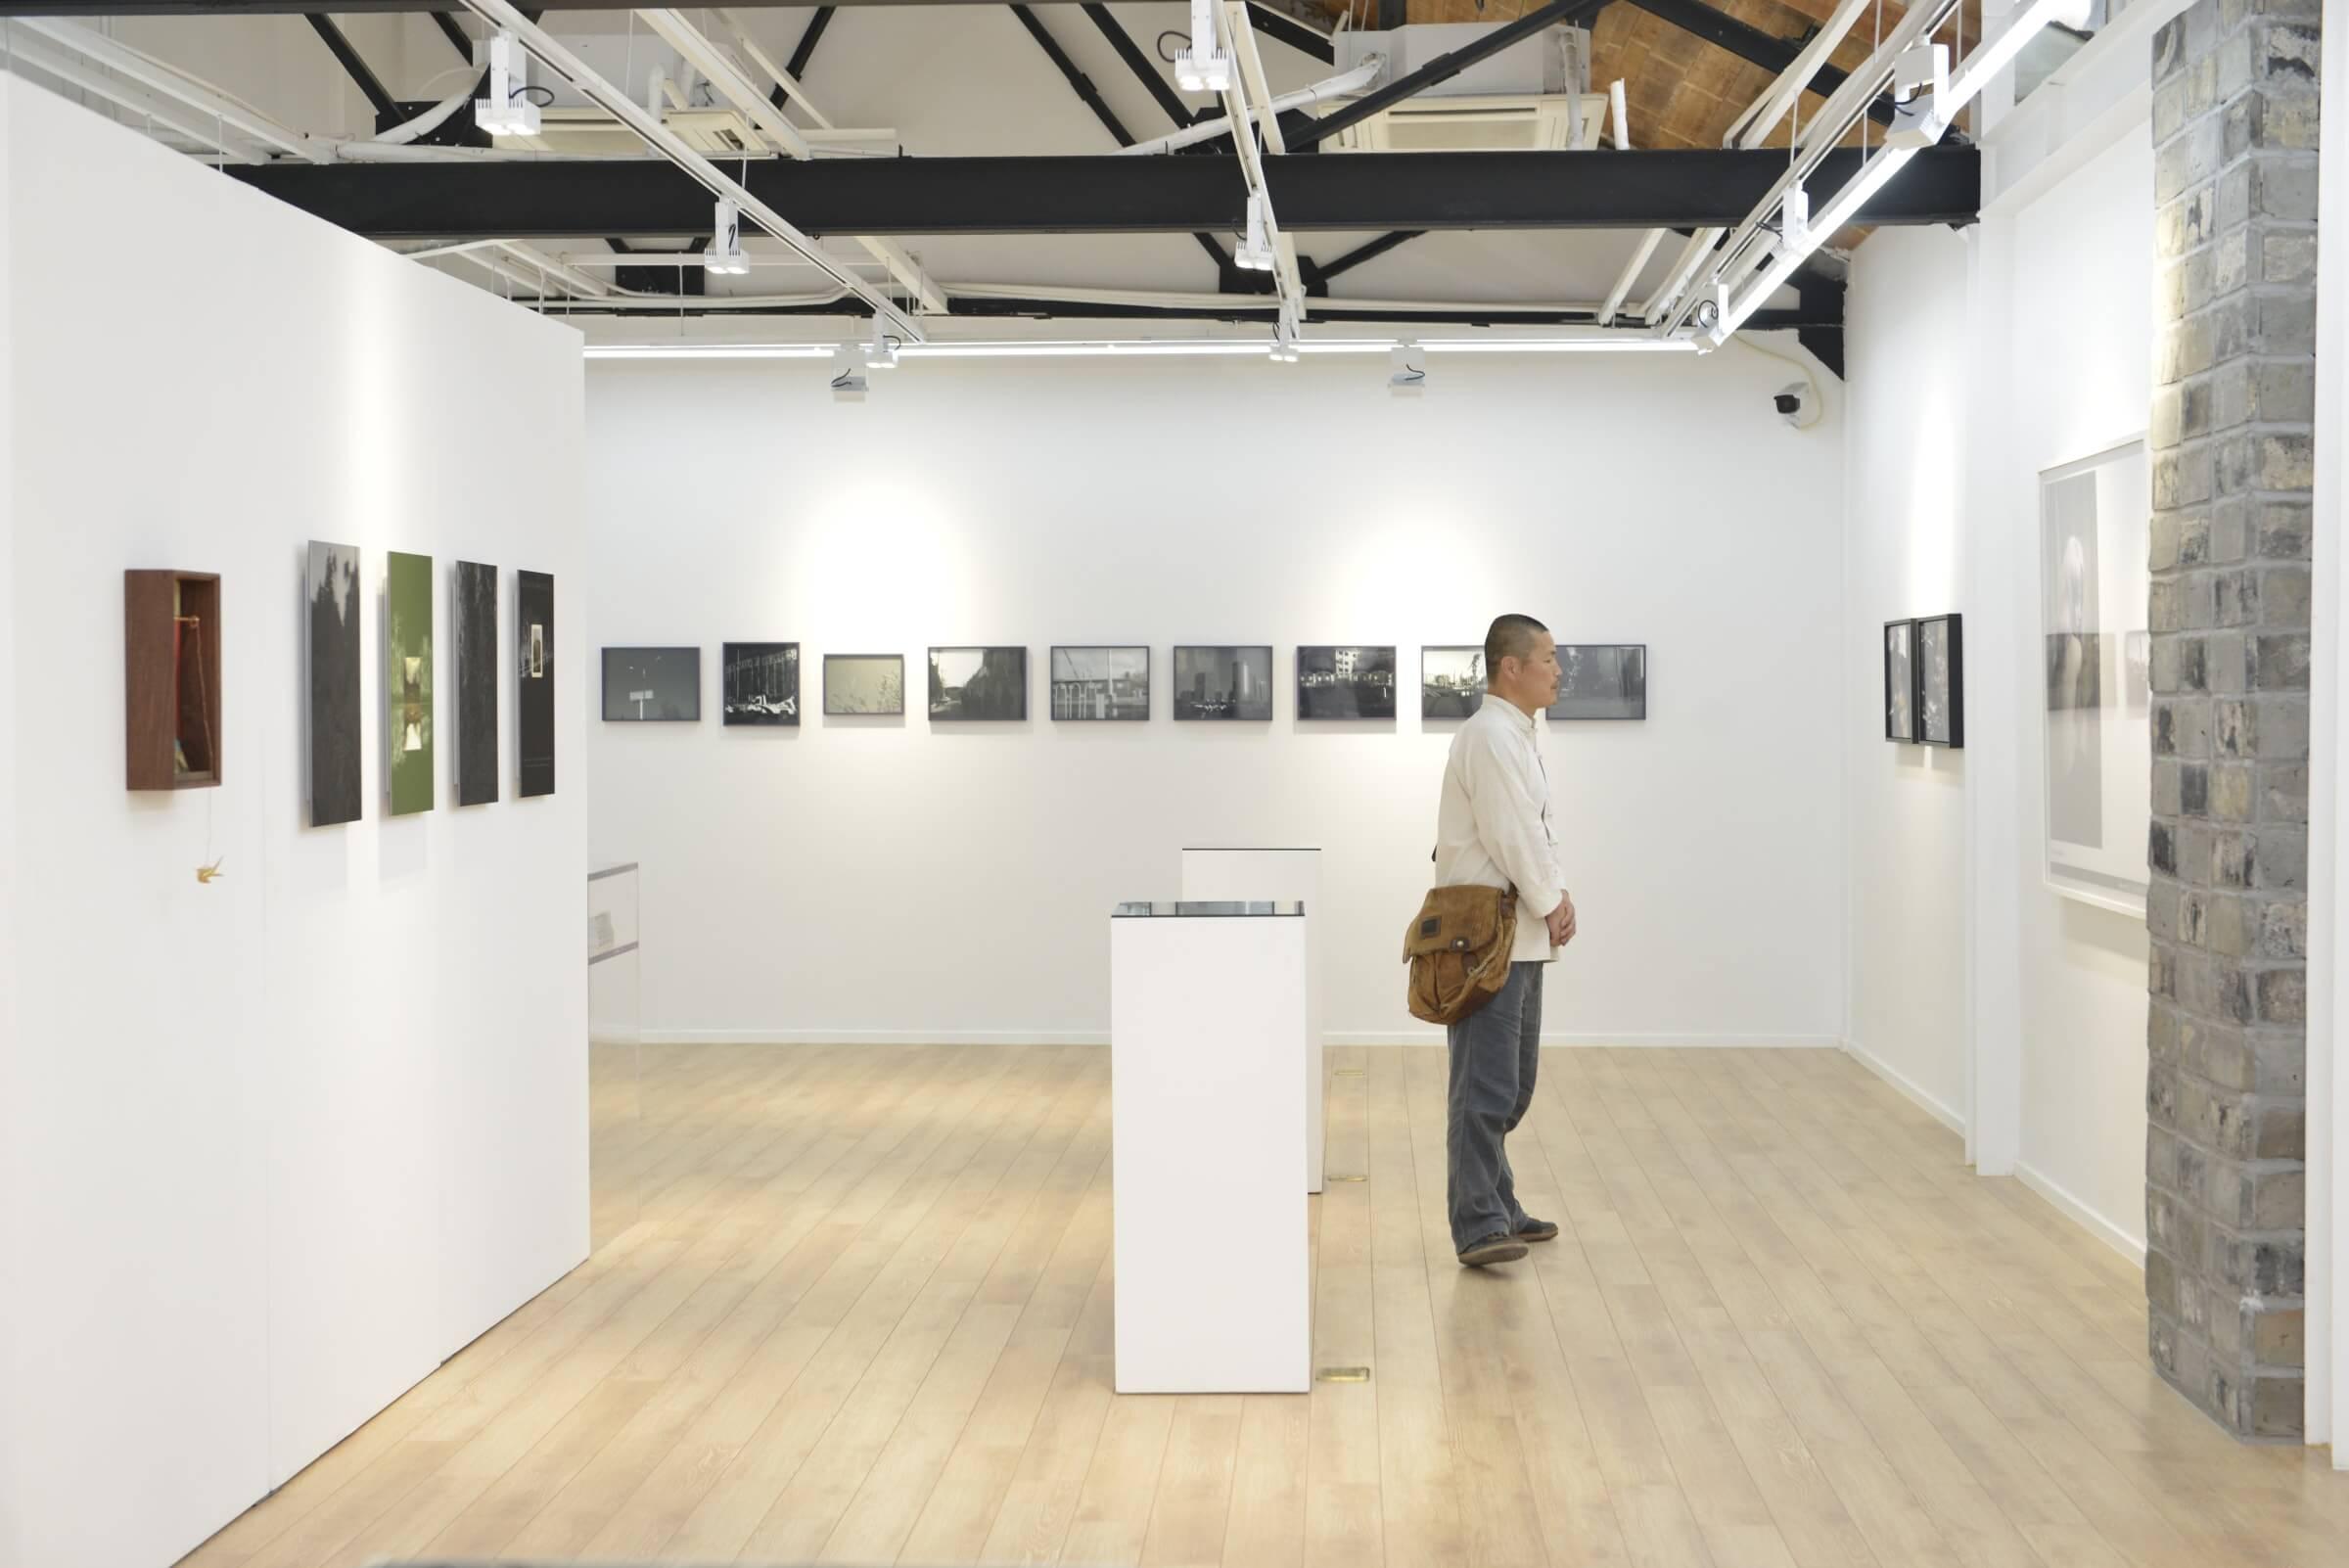 Modern Art Base a invité de nombreux artistes, conservateurs et institutions artistiques.